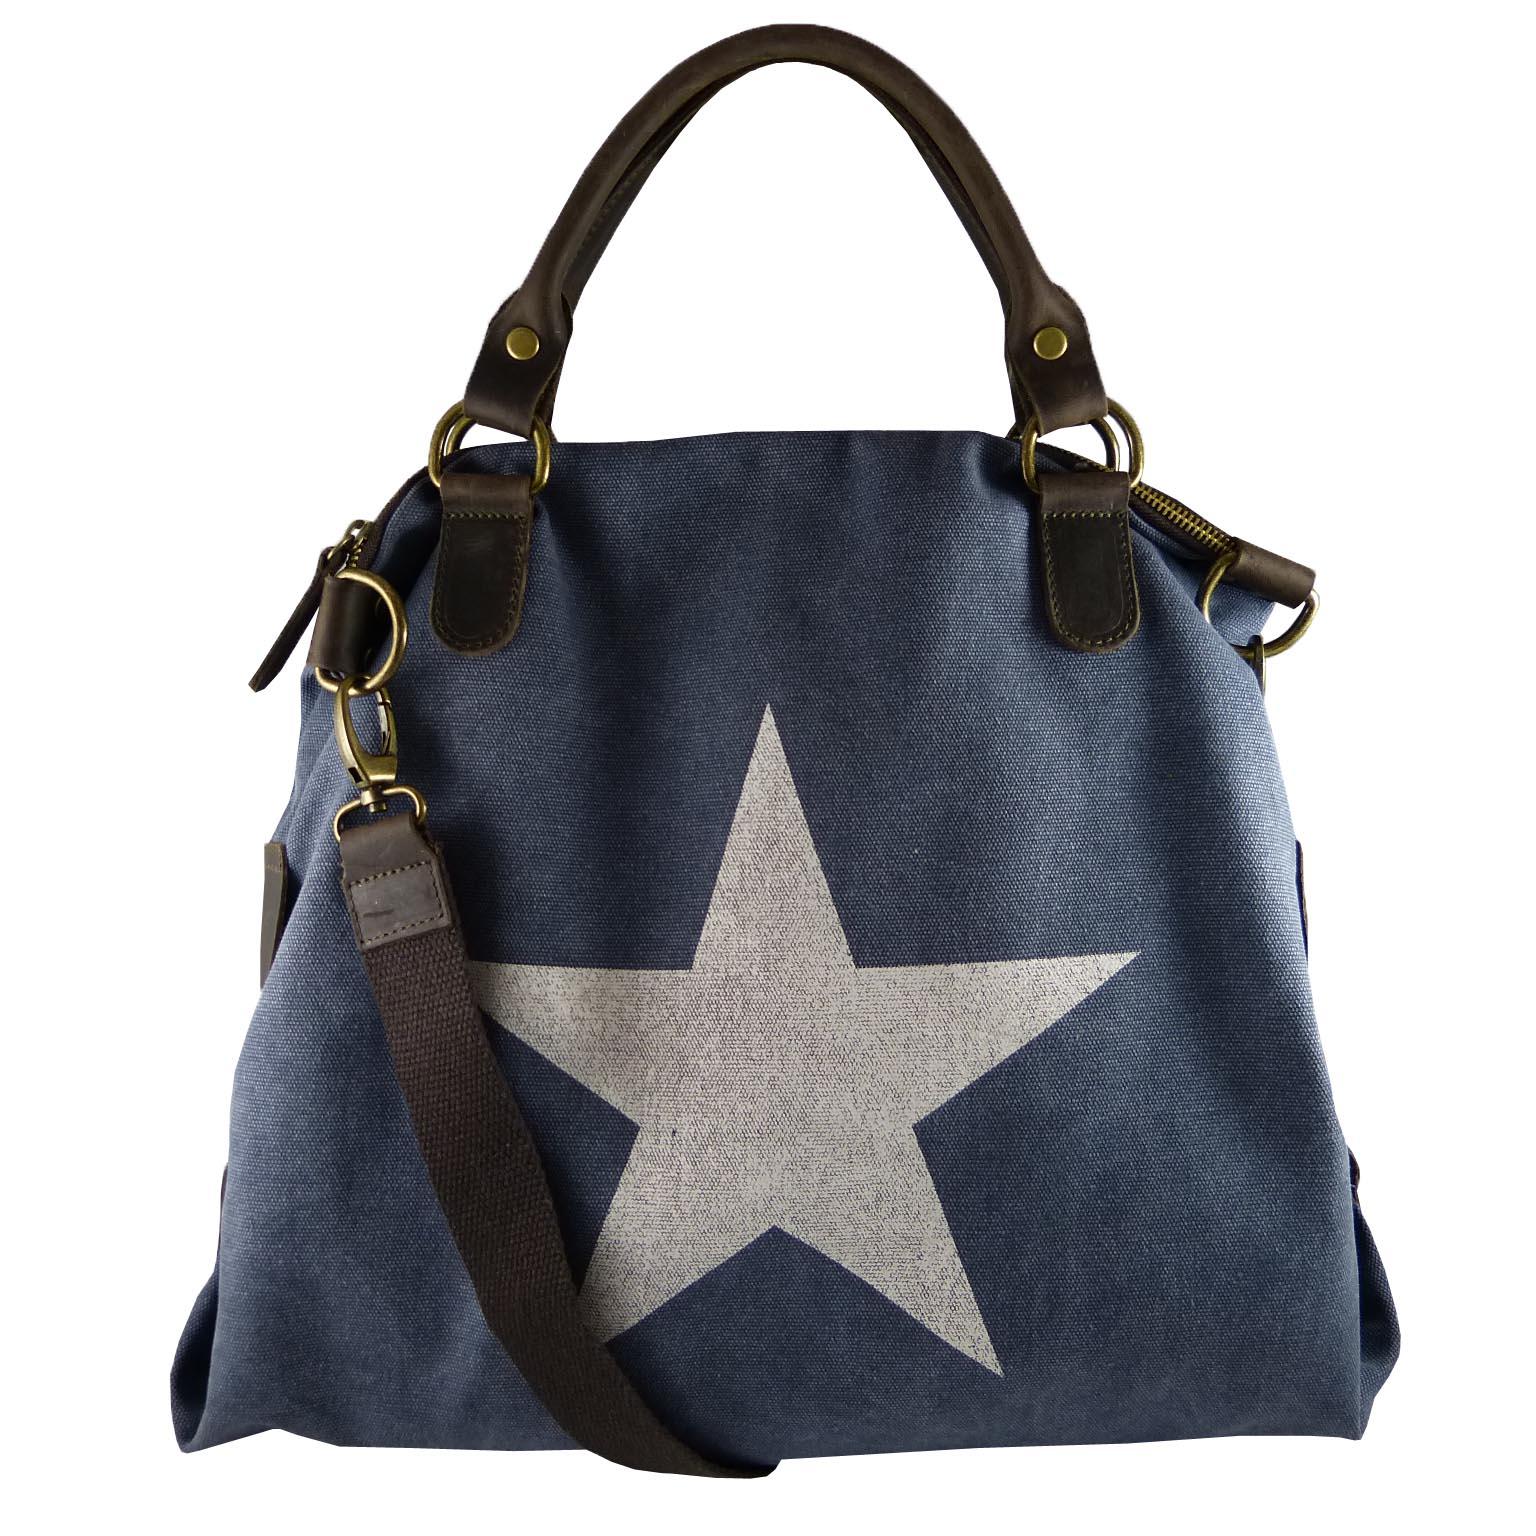 Handmade Women s Fashion Leather Tote Bag Handbag Shoulder Bag Shopper Bag  in Red 14149 – LISABAG 6d616a10c1